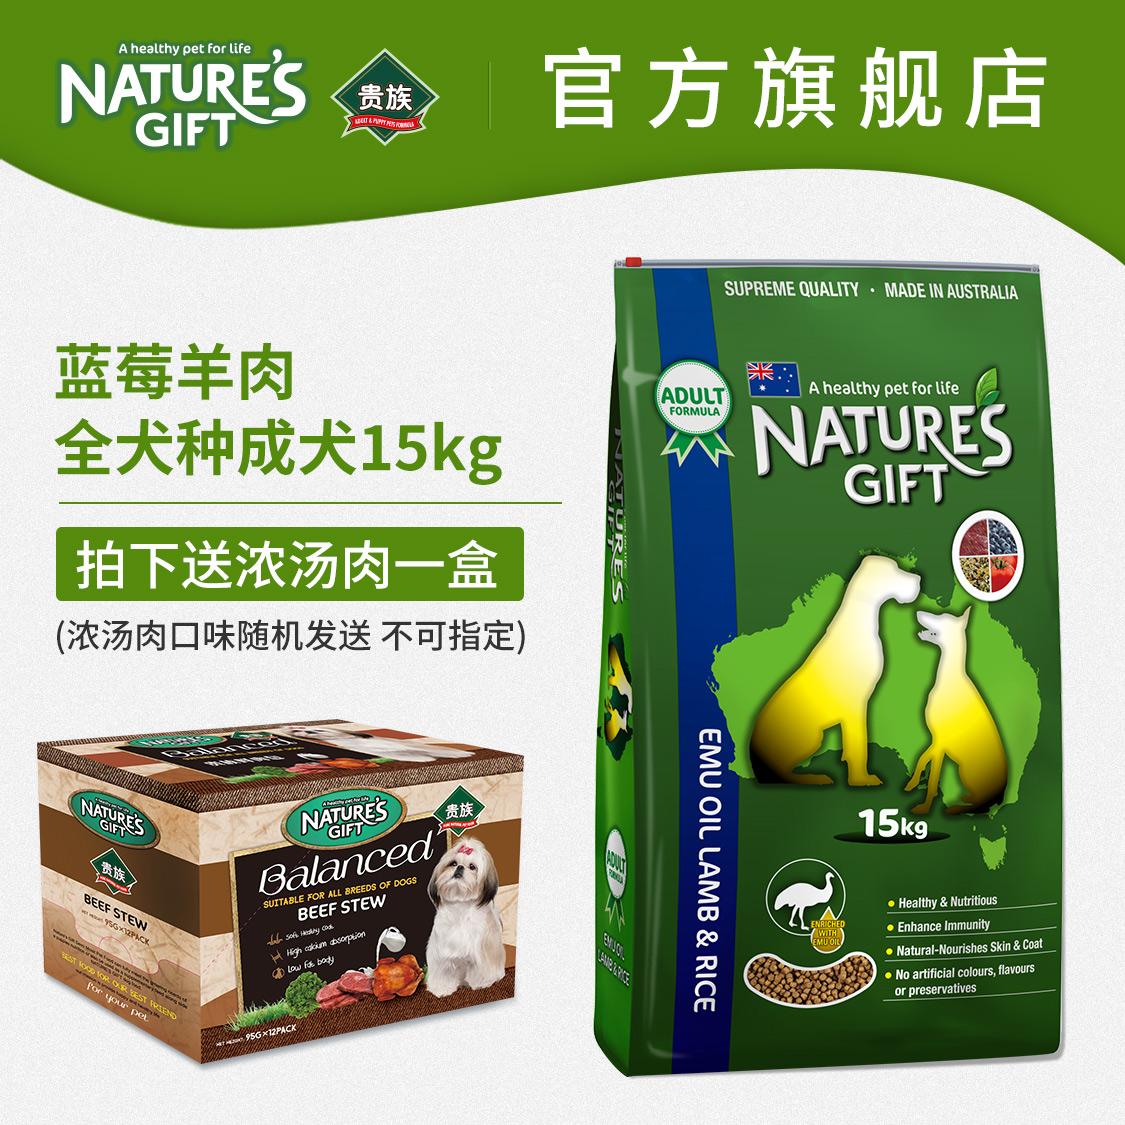 澳洲配方贵族 金毛泰迪比熊边牧成犬羊肉蓝莓味15kg 天然通用狗粮